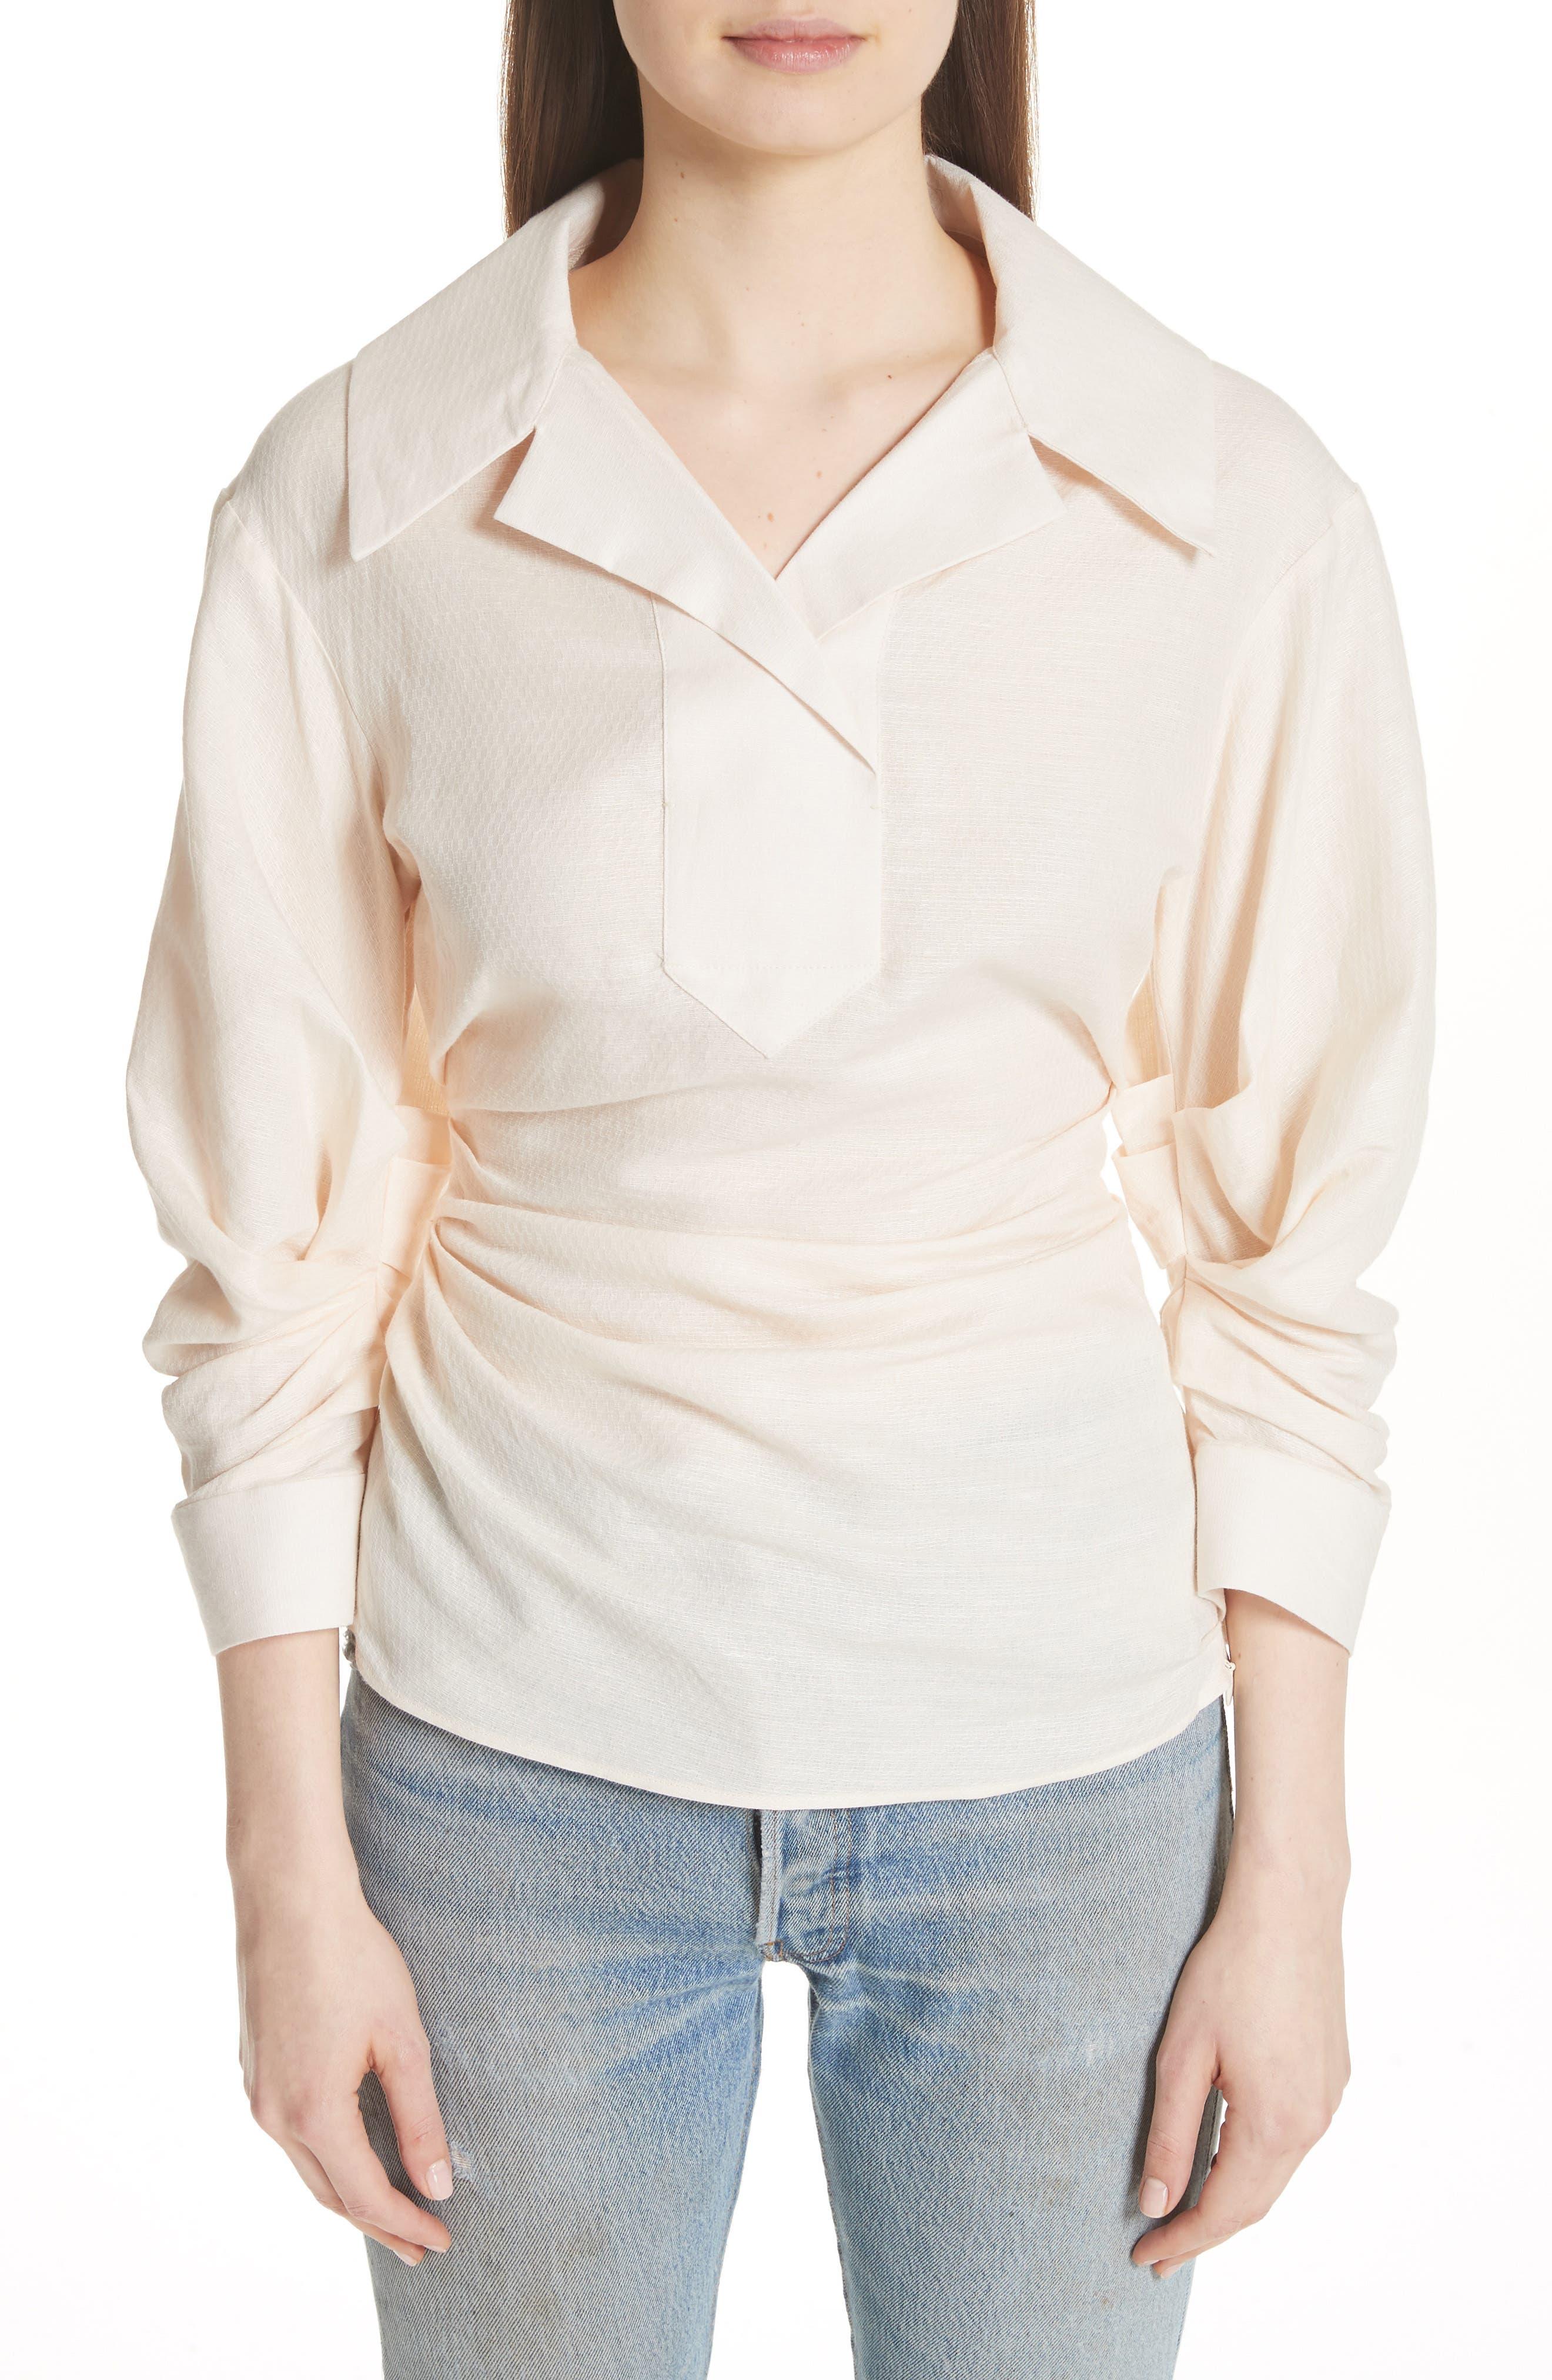 La Chemise Maceio Shirt,                         Main,                         color, Beige